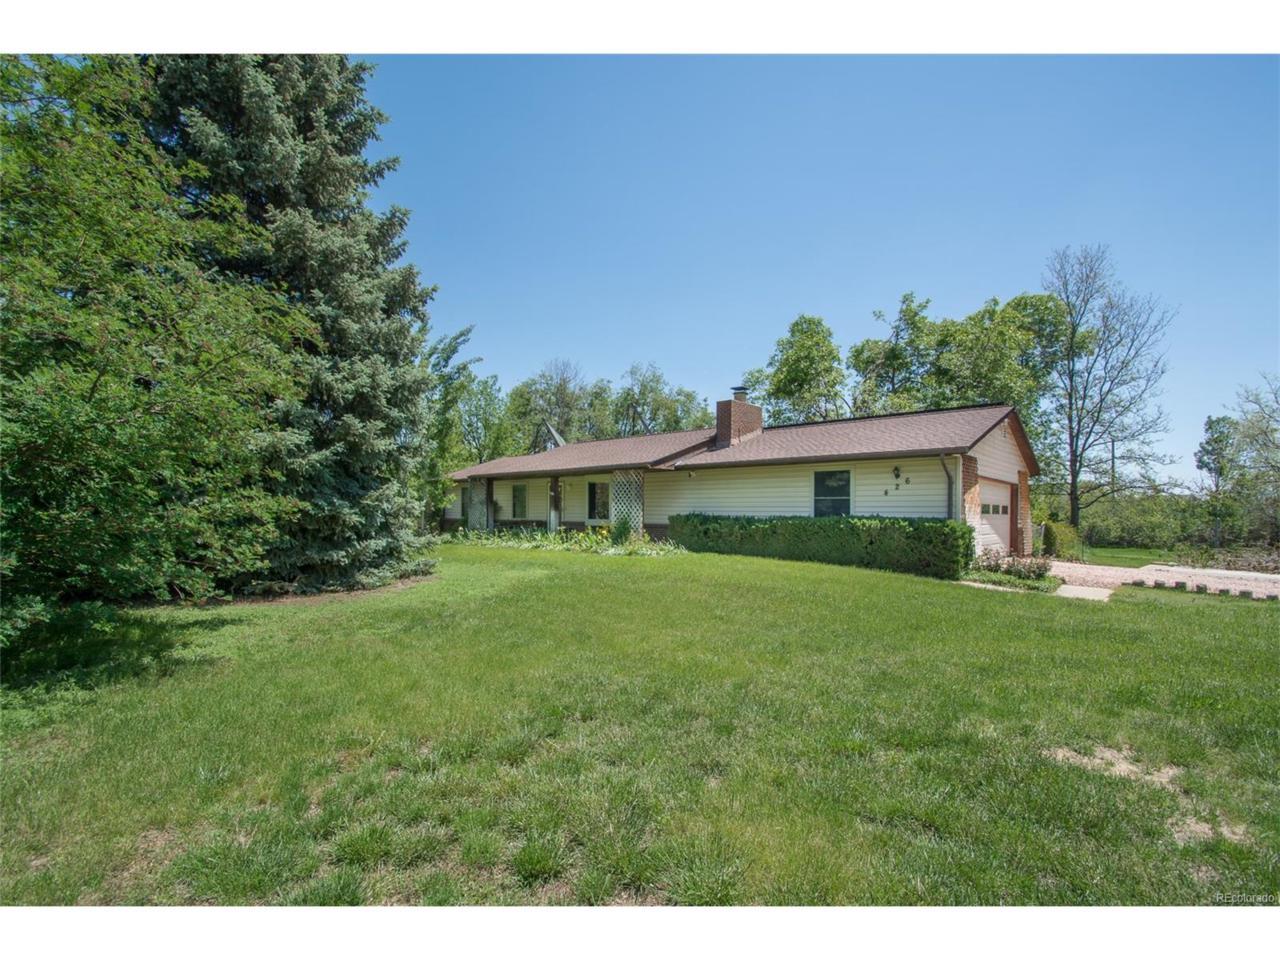 426 King Street, Lafayette, CO 80026 (MLS #3314316) :: 8z Real Estate